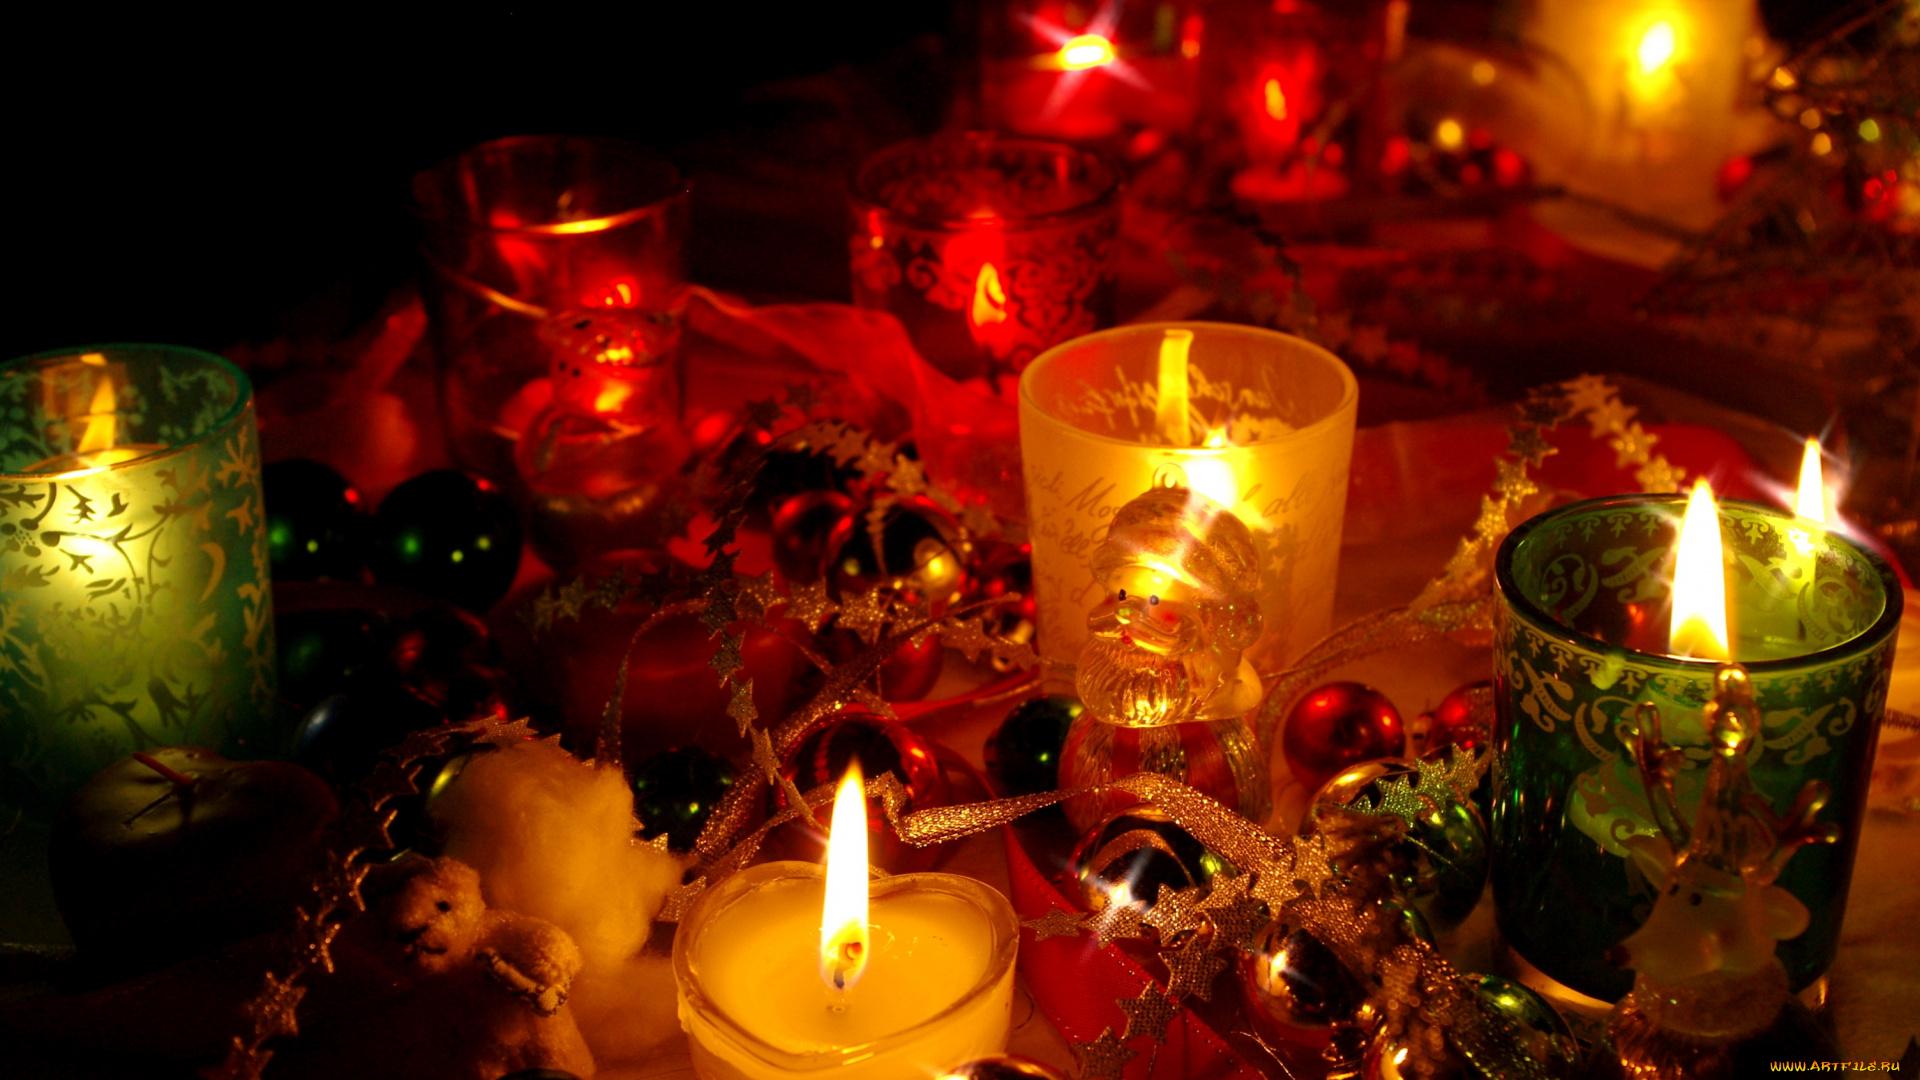 Картинка со свечами праздник, введение